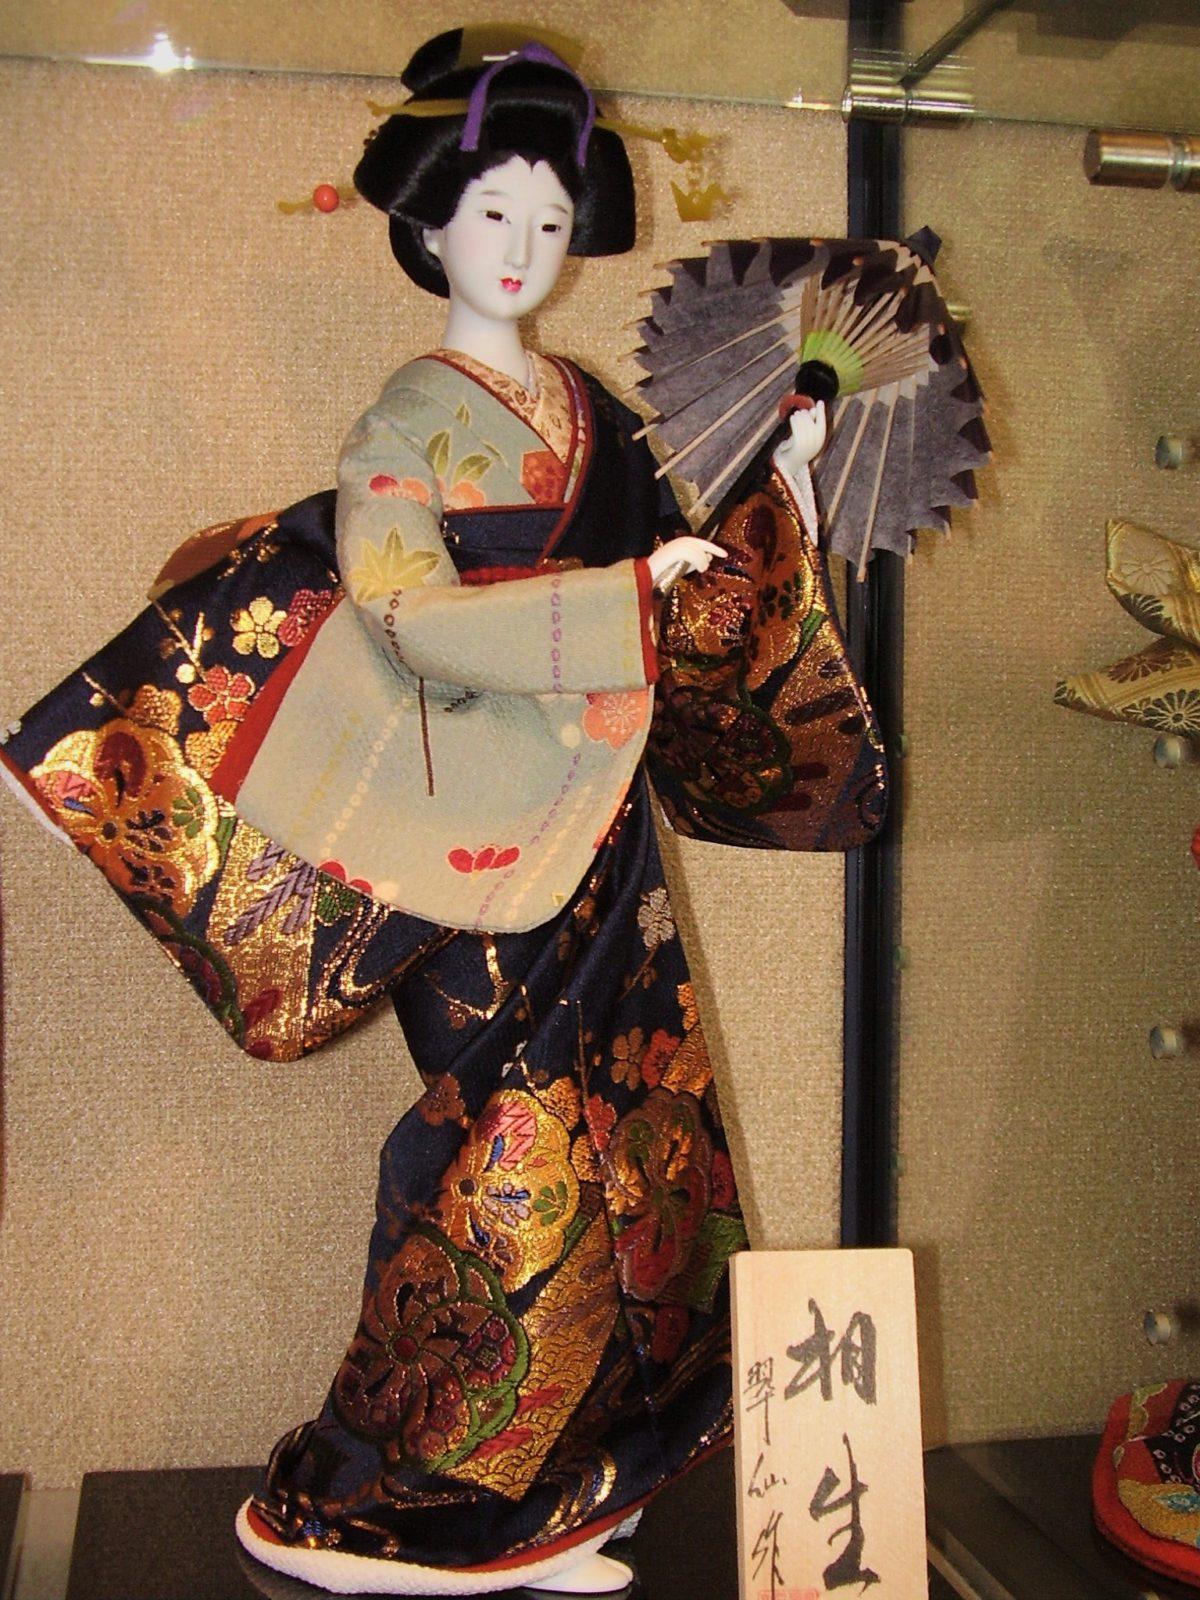 Tradycyjna lalka. Wykonane z wysokiej jakości materiałów wiernie oddają każdy szczegół stroju gejszy